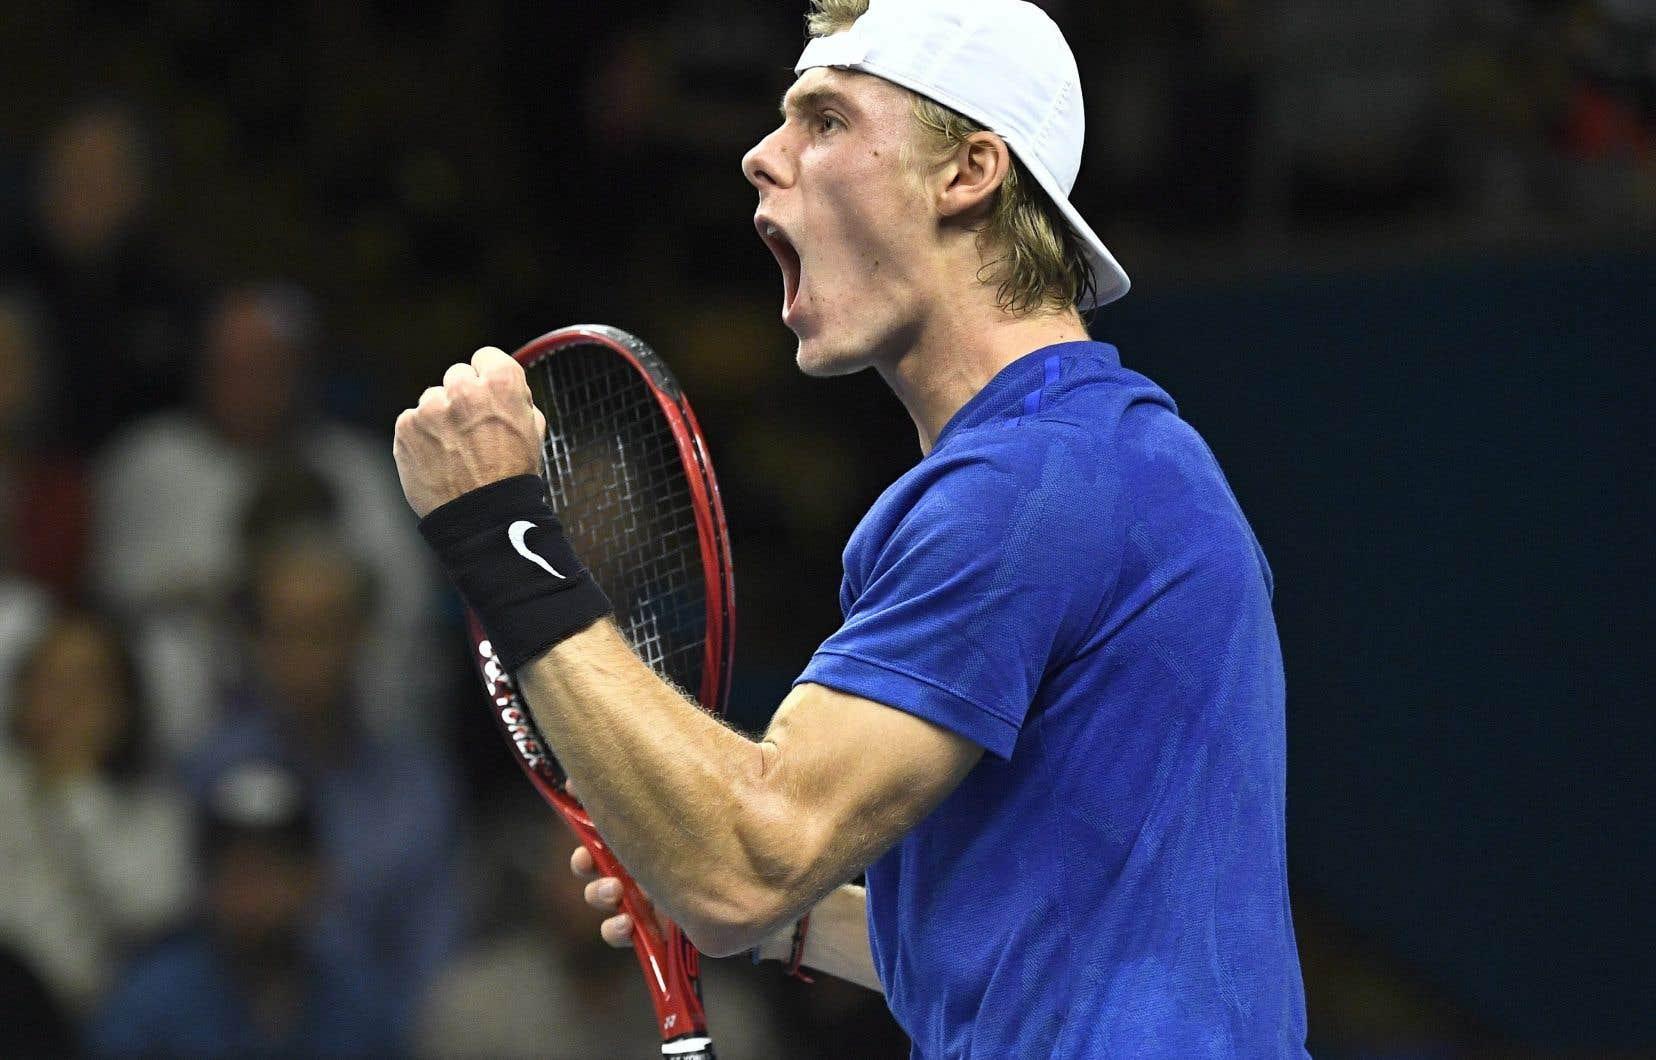 Lors de cet automne productif, Shapovalov a remporté son premier titre de l'ATP à l'Open de Stockholm et a atteint sa première finale du Circuit Masters 1000 à Paris. Il a par la suite mené le Canada vers la première finale de la Coupe Davis de son histoire.